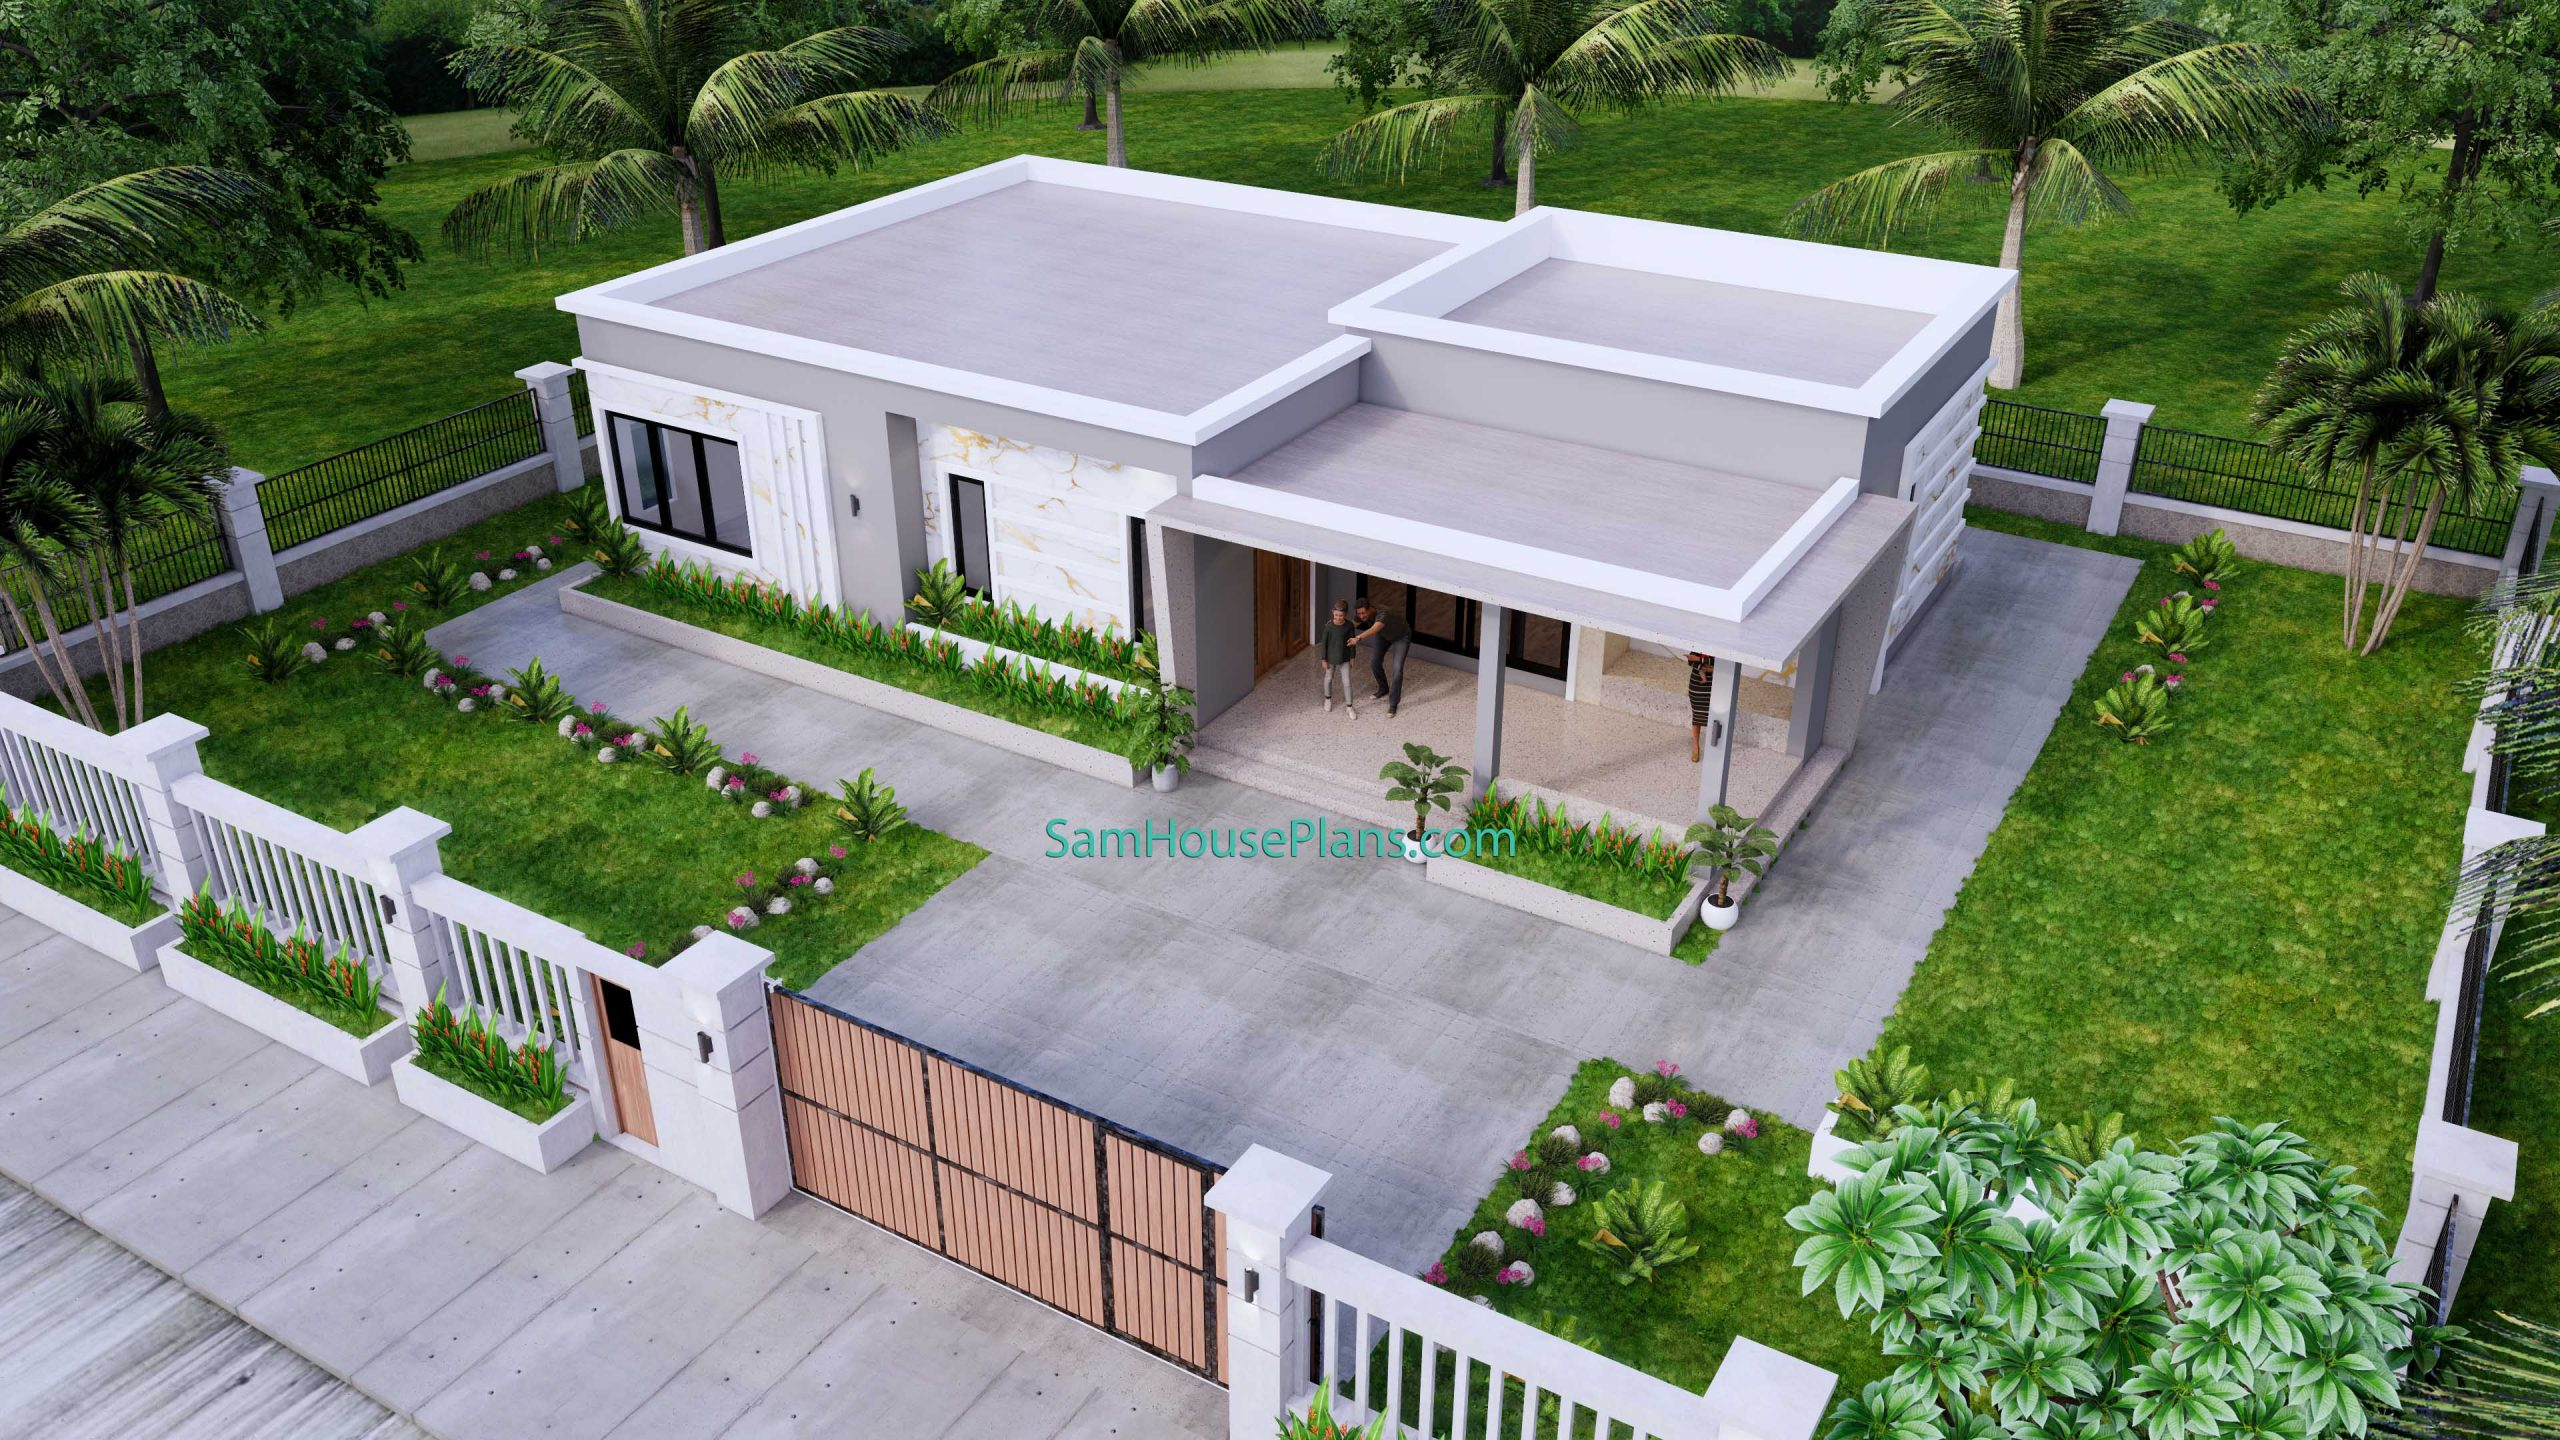 Modern House Design 15x9 M 49x30 Feet 3 Beds PDF Plan top 3d view 1